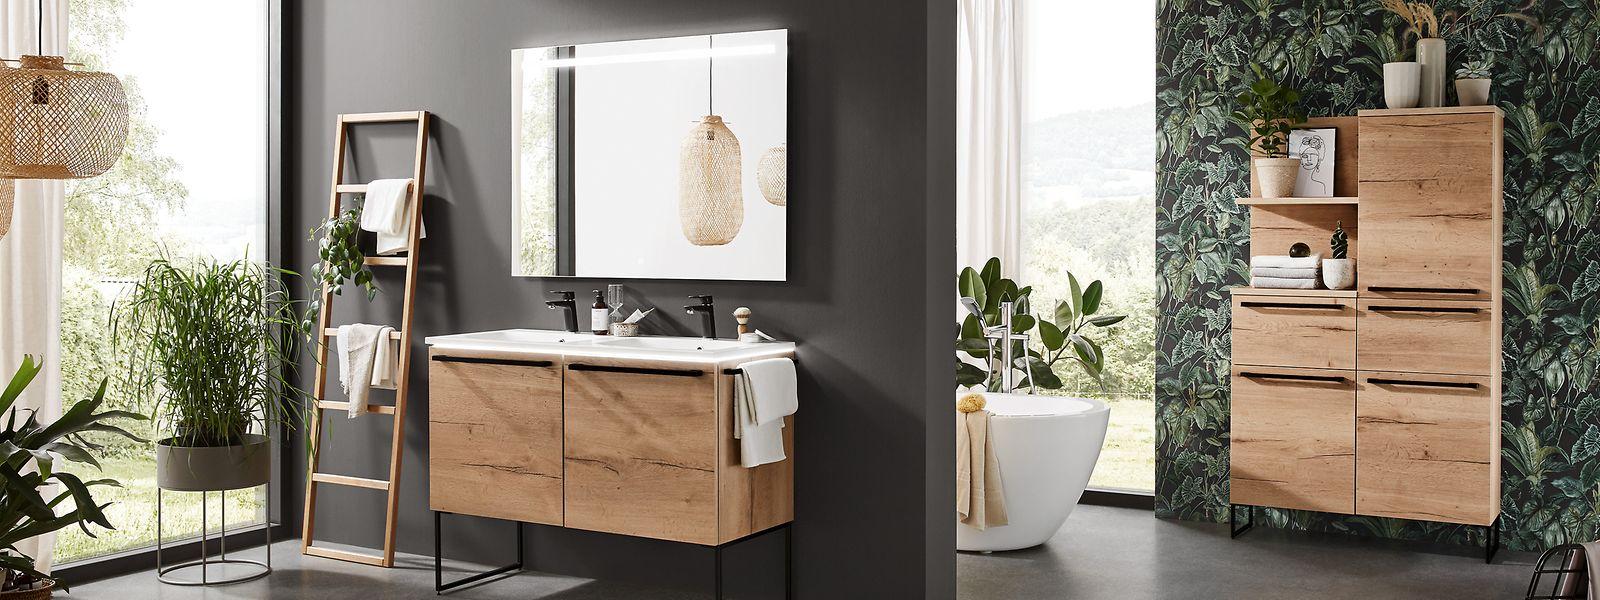 Mit Pflanzen wird das Bad zu einer optischen Wellness-Oase.